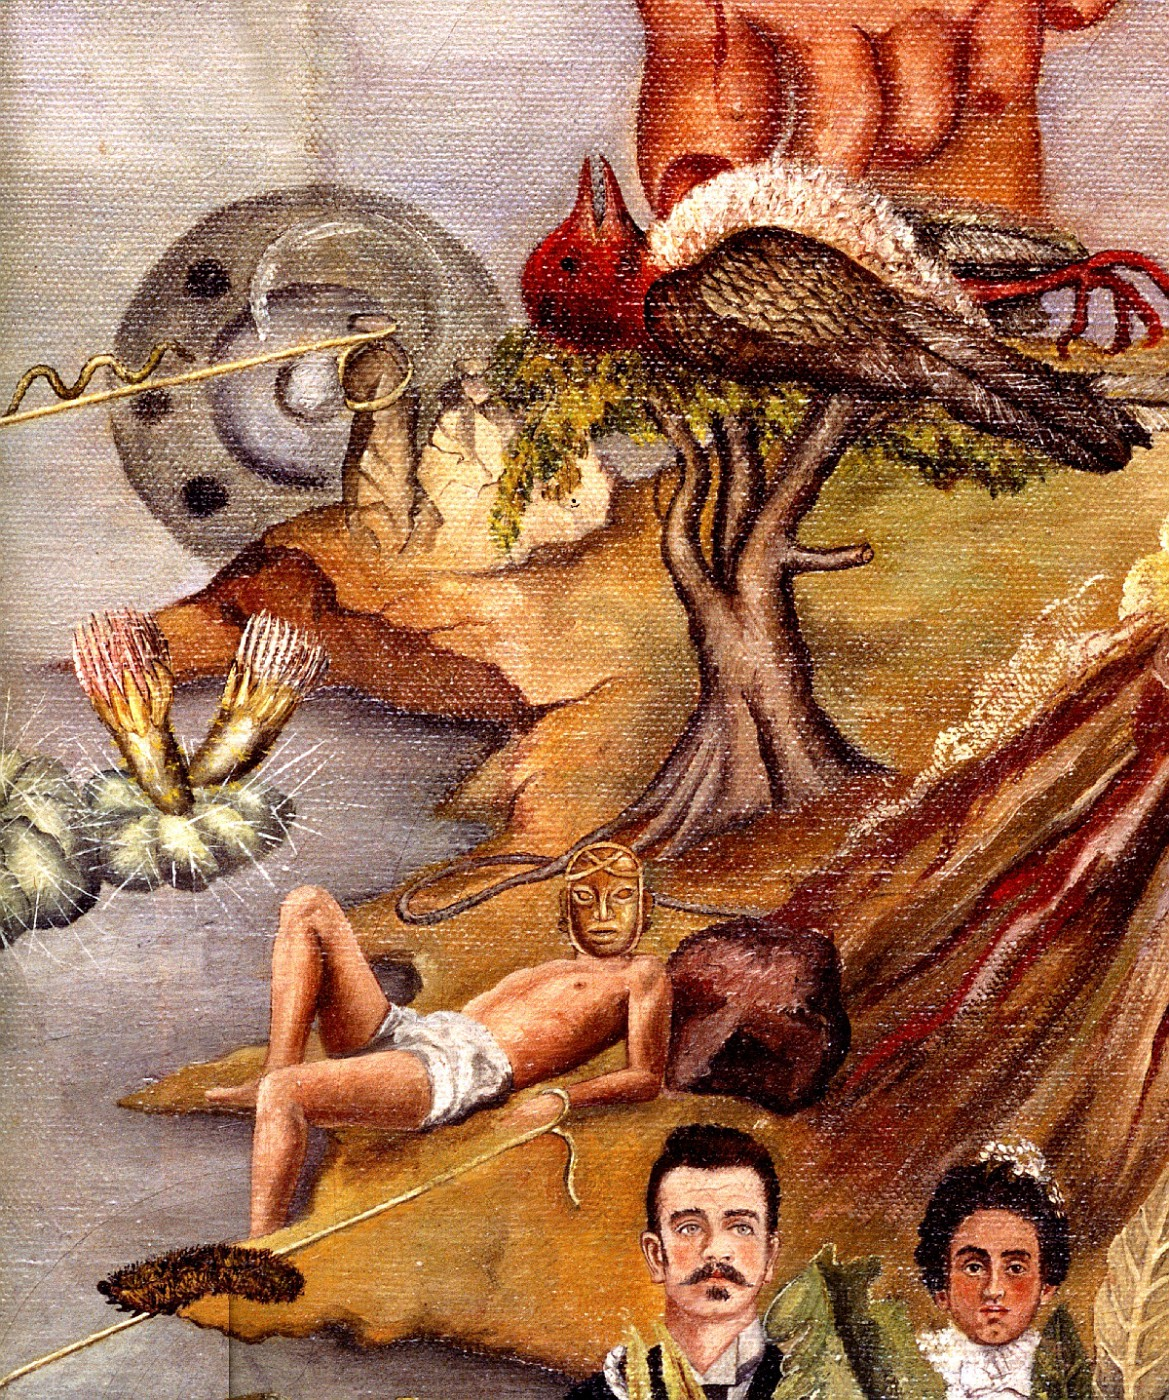 Фрида кало рисует индейца лежа в постели у художницы фриды кало тело было многократно покалеченным более 32 операций за жизнь , правая нога с детства короче и тоньше левой, а потом и вовсе была ампутирована.